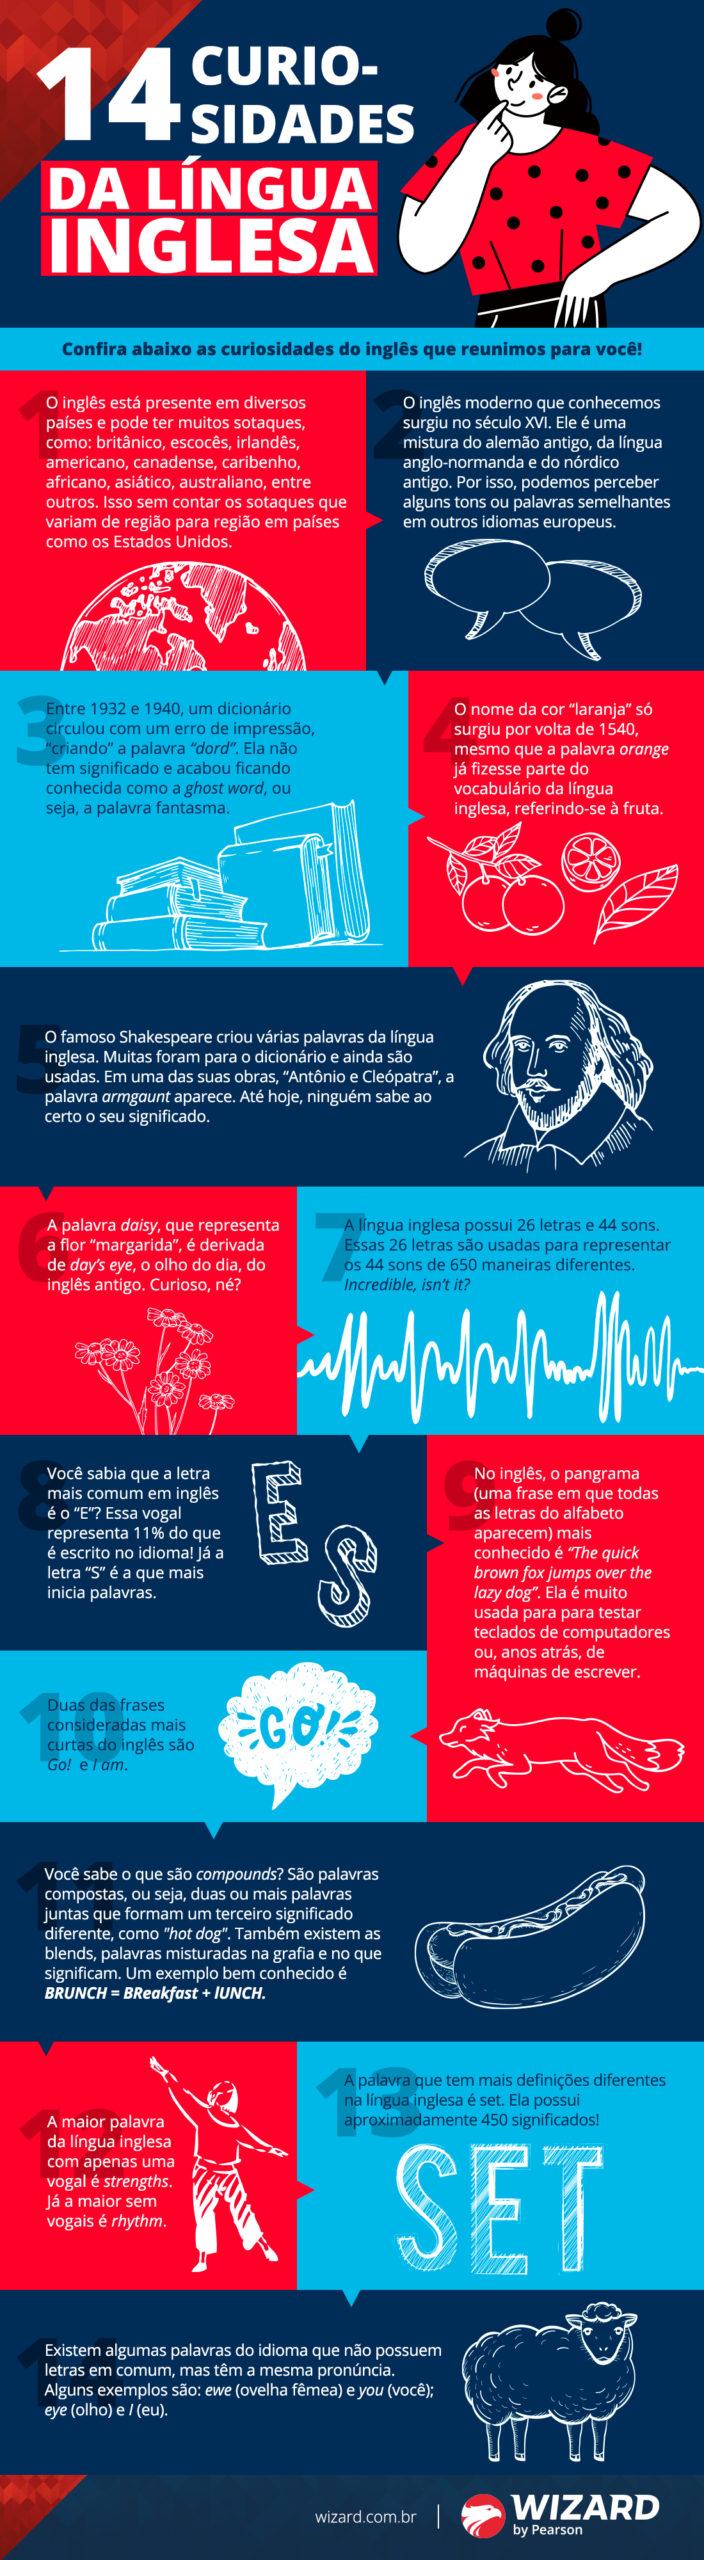 Infográfico: 14 curiosidades da língua inglesa